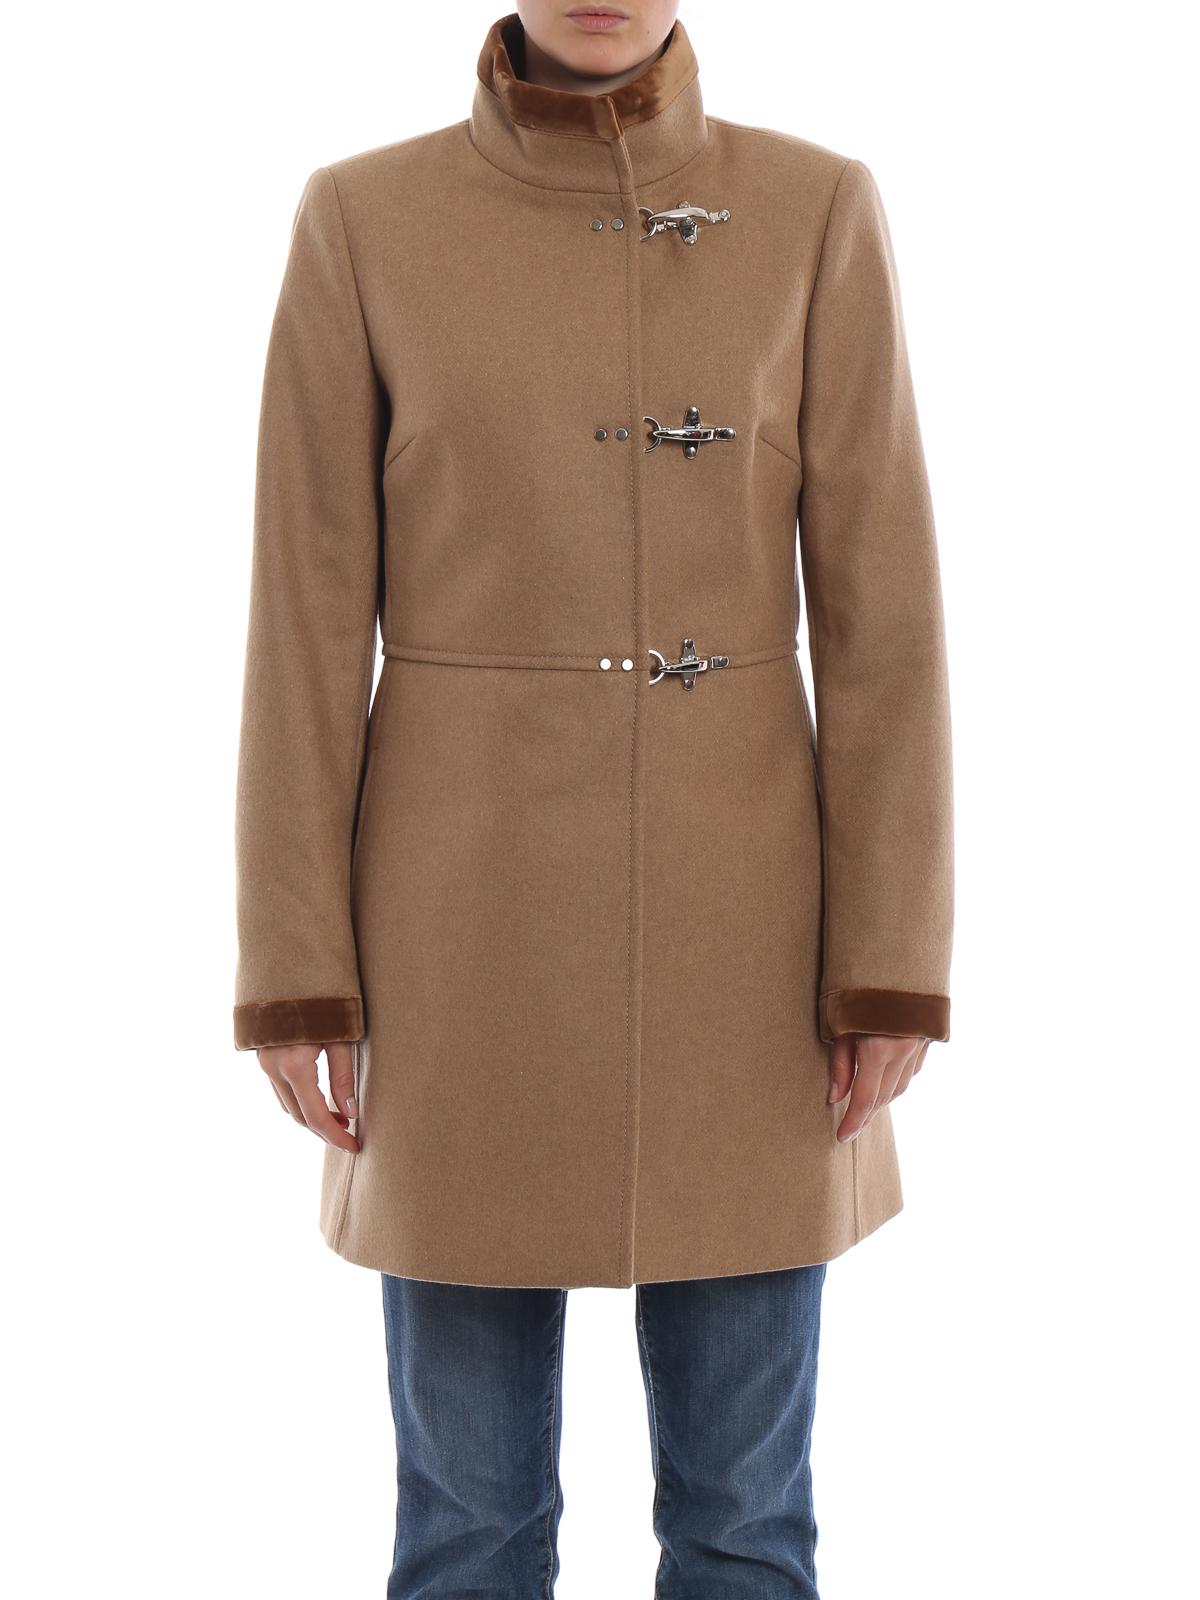 a3840c5bdc Fay - Cappotto Virginia in lana e cashmere cammello - cappotti corti ...